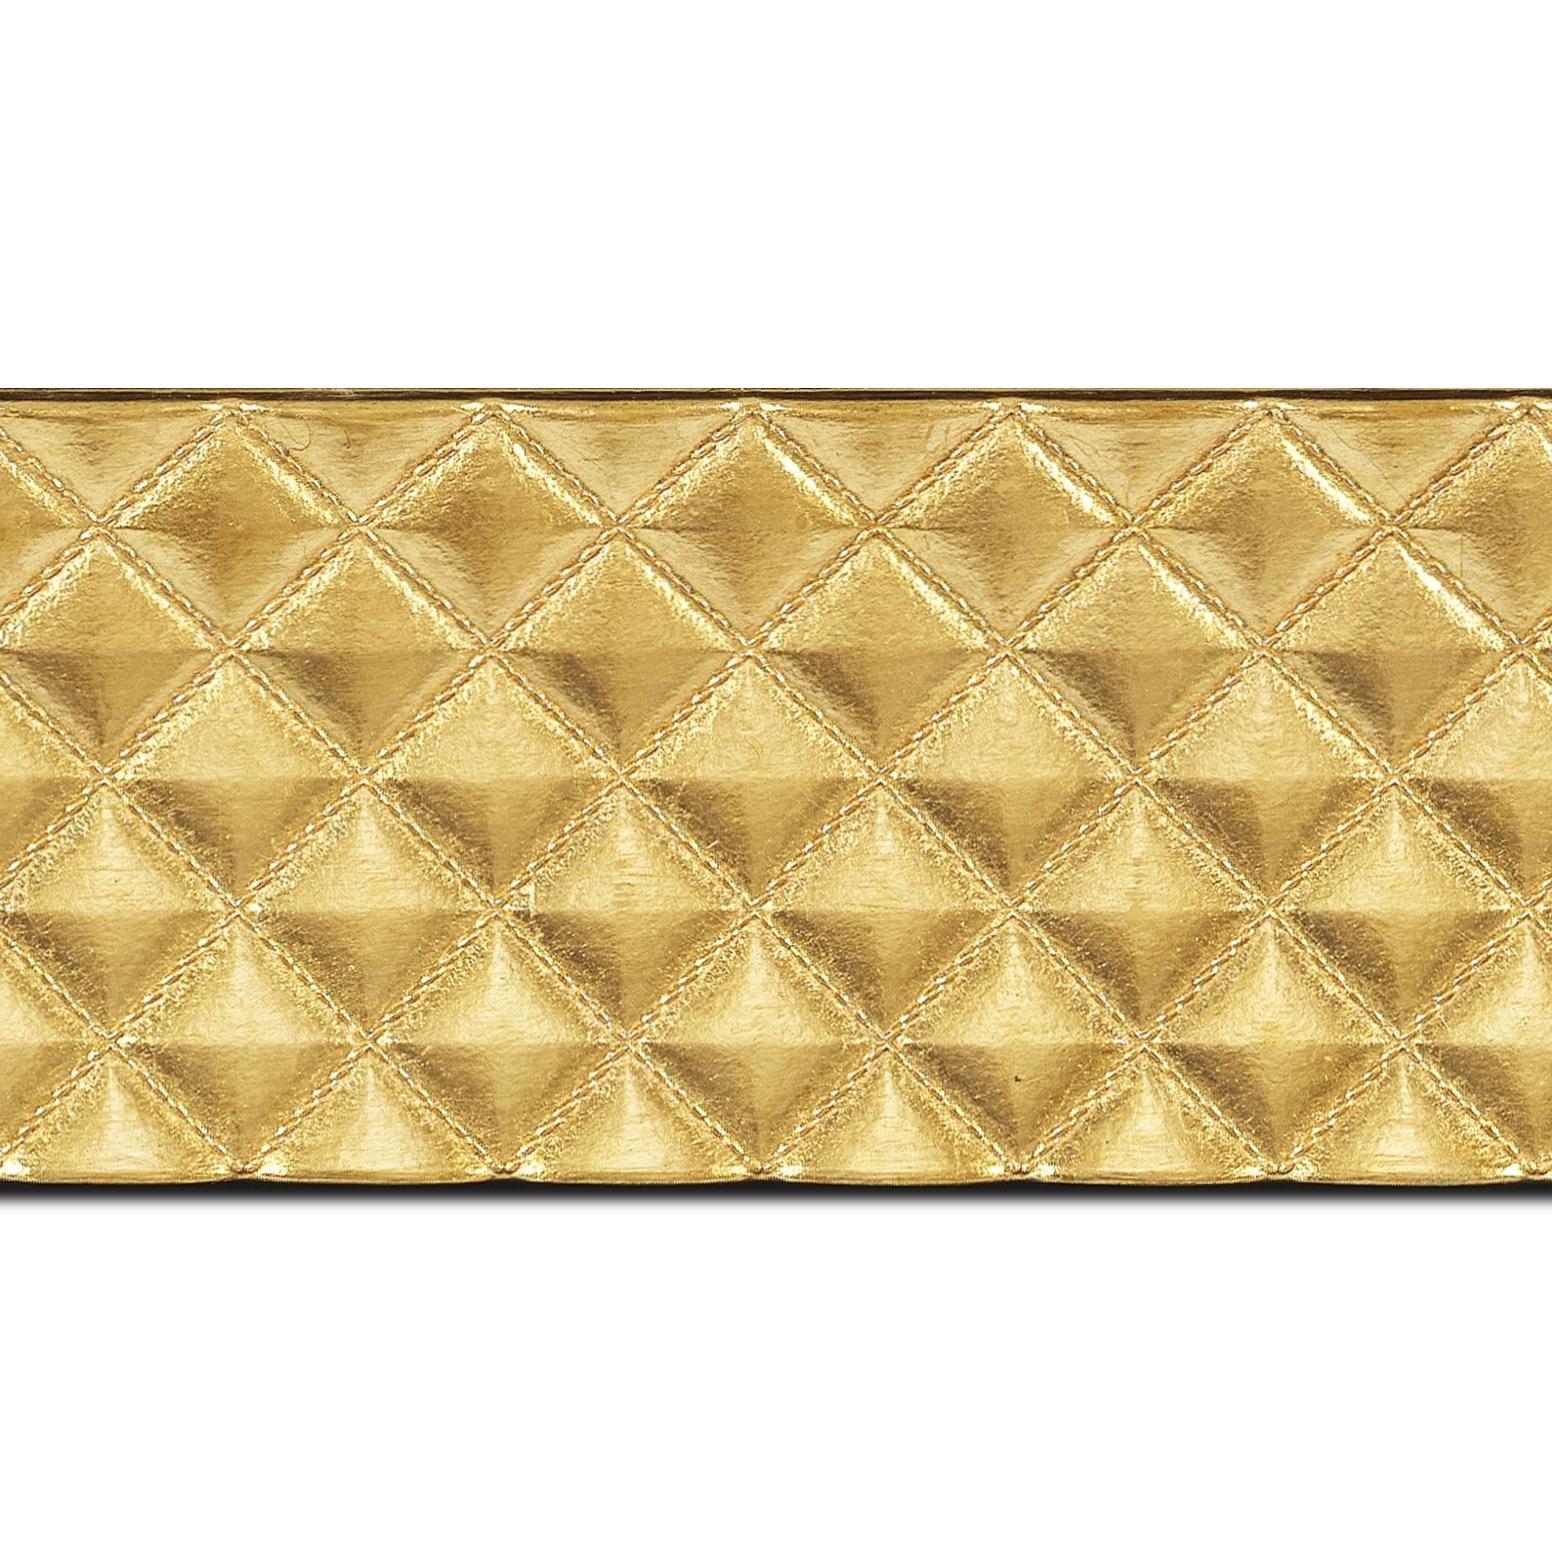 Baguette longueur 1.40m bois profil incurvé largeur 8.1cm or effet capitonné